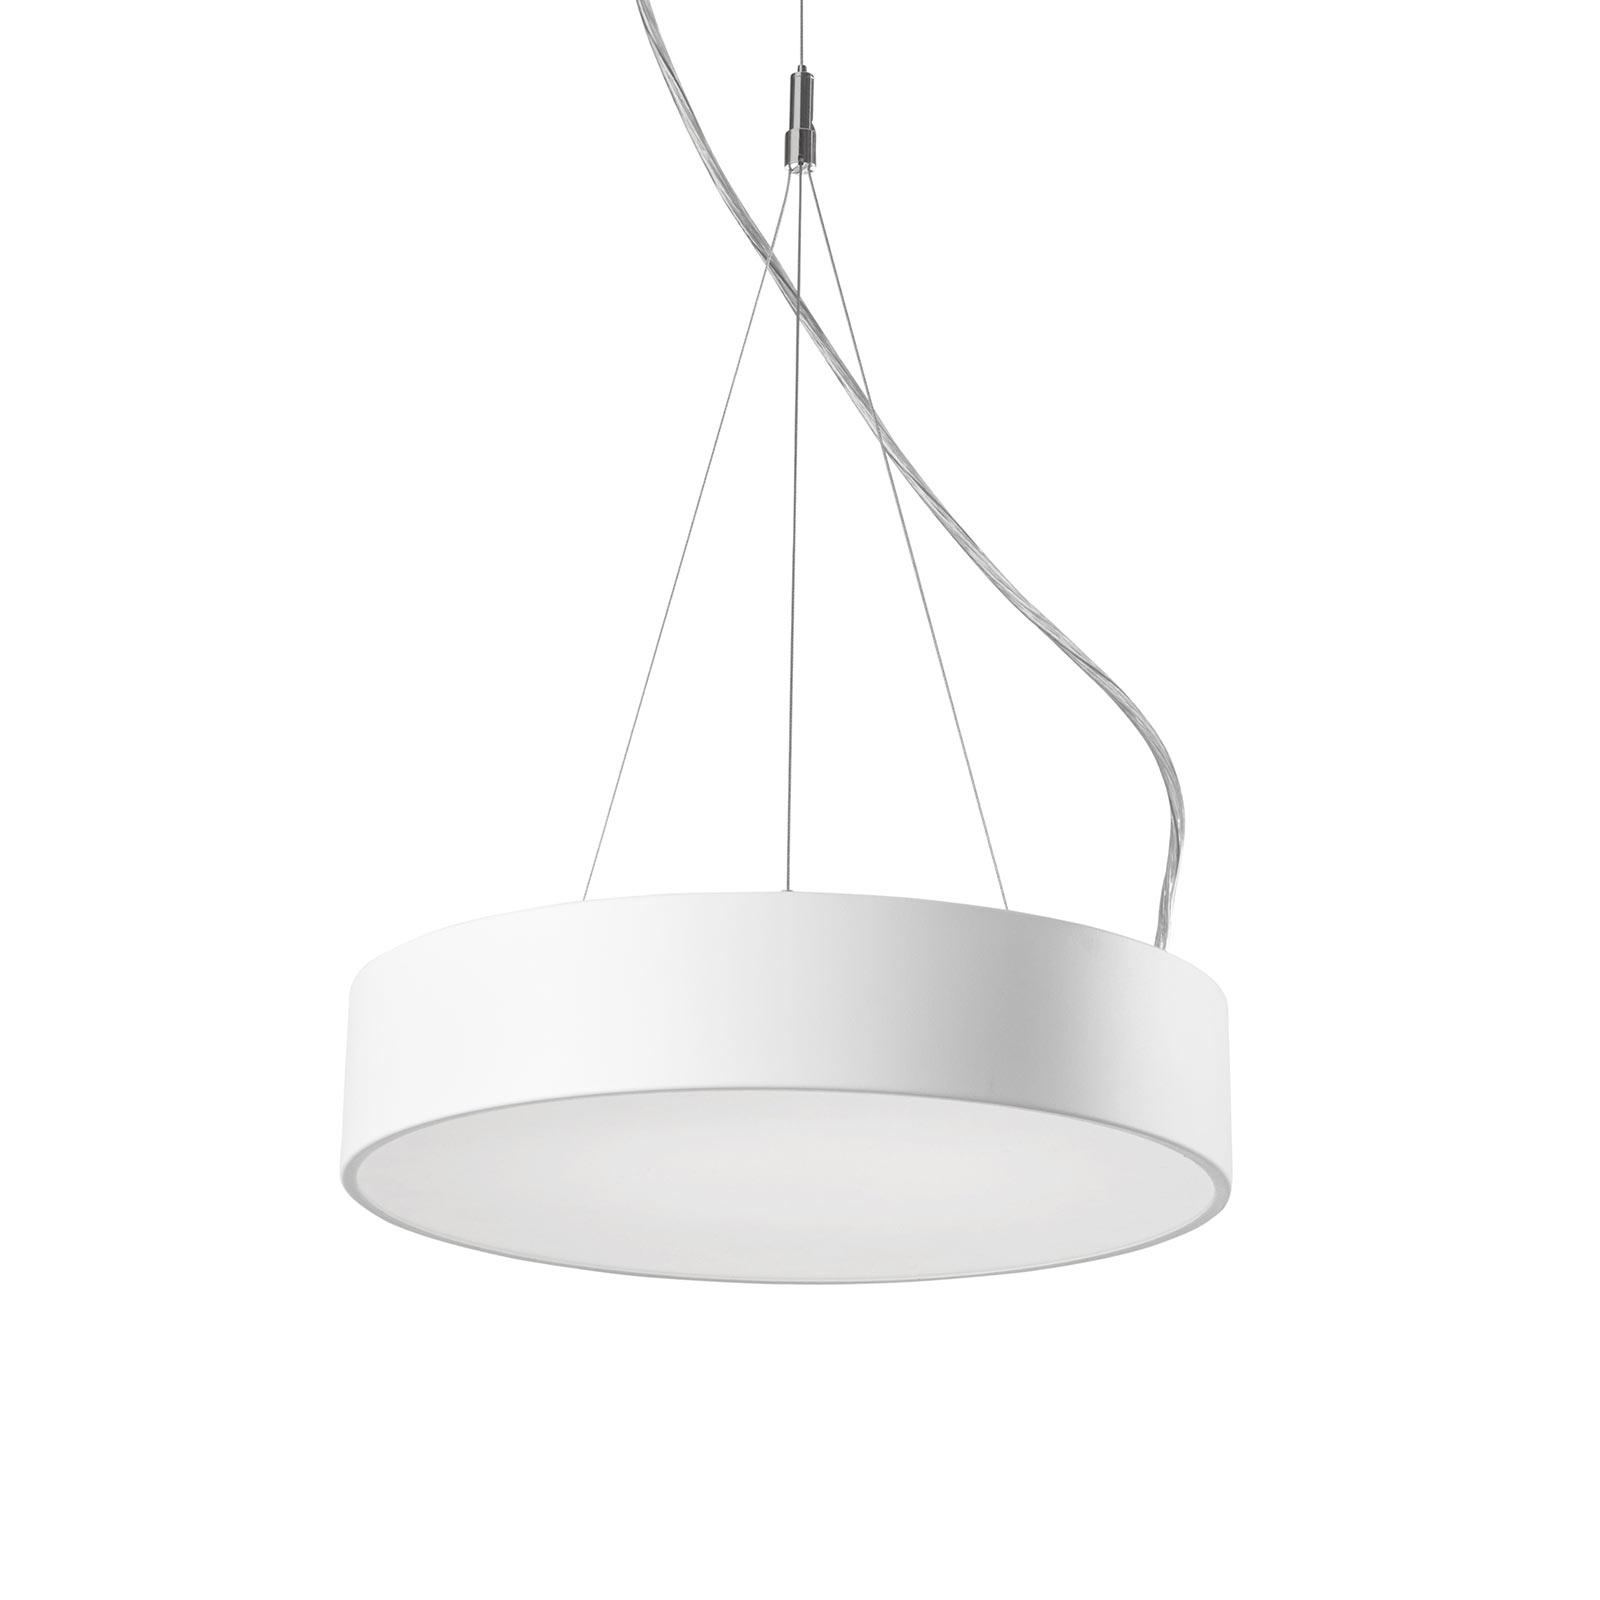 LEDS-C4 opphengssystem for LED-taklampe Caprice